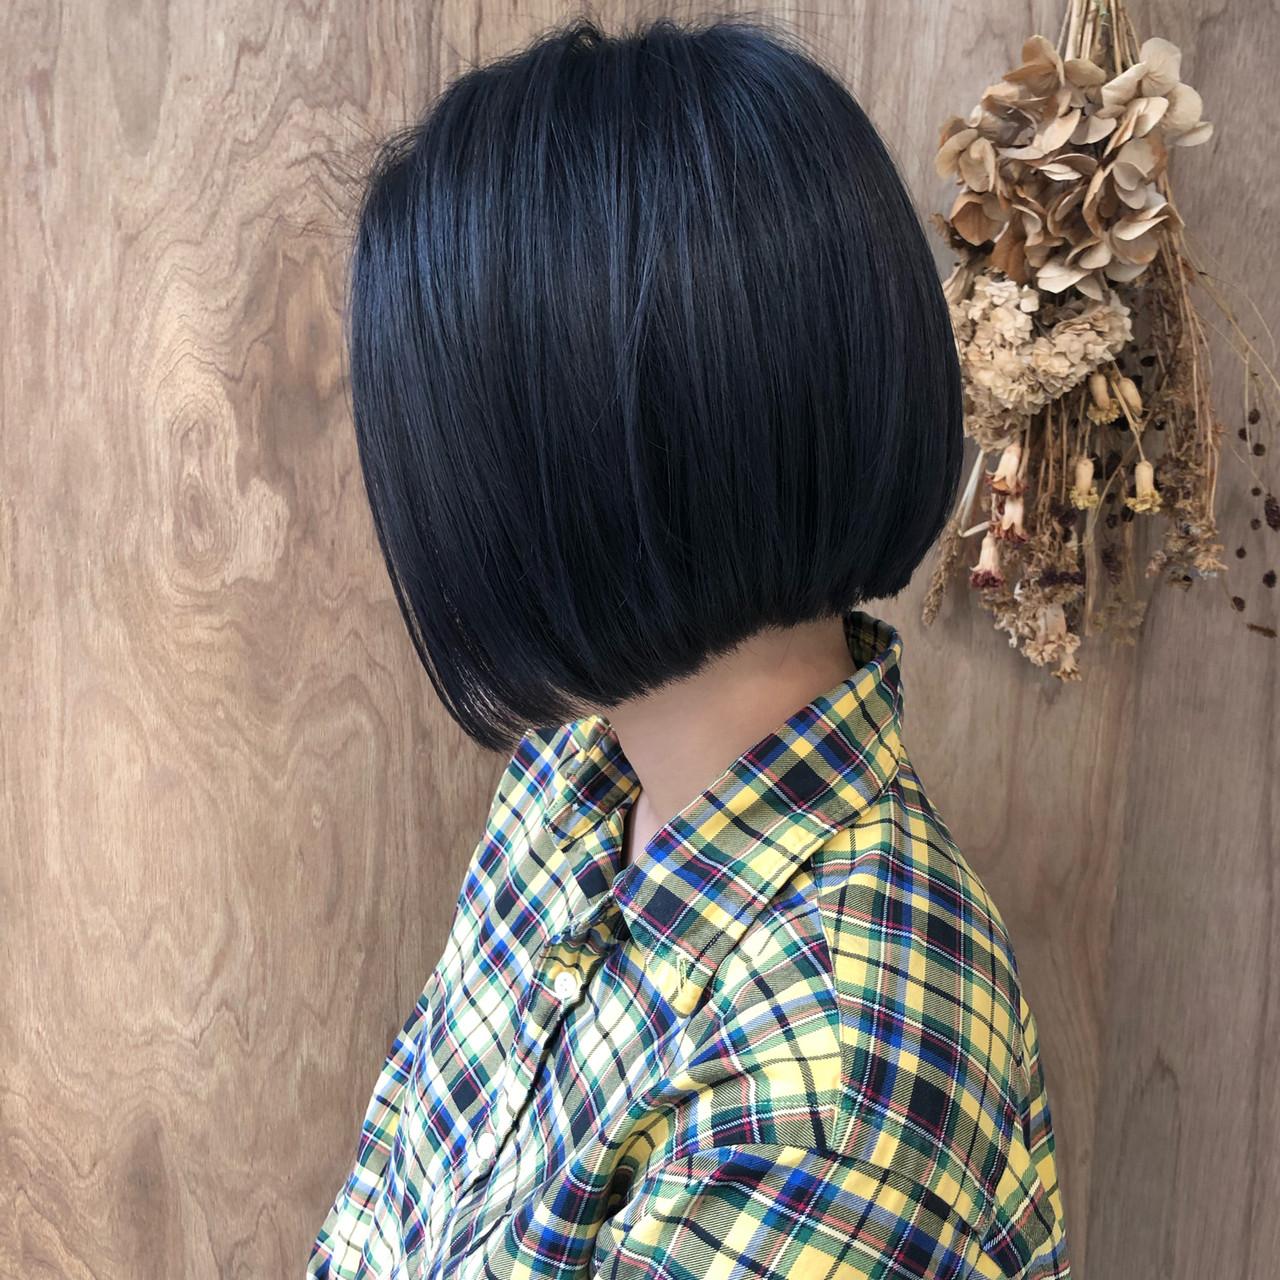 ミニボブ 切りっぱなしボブ 外ハネボブ モード ヘアスタイルや髪型の写真・画像 | 松井勇樹 / TWiGGY  歩行町店